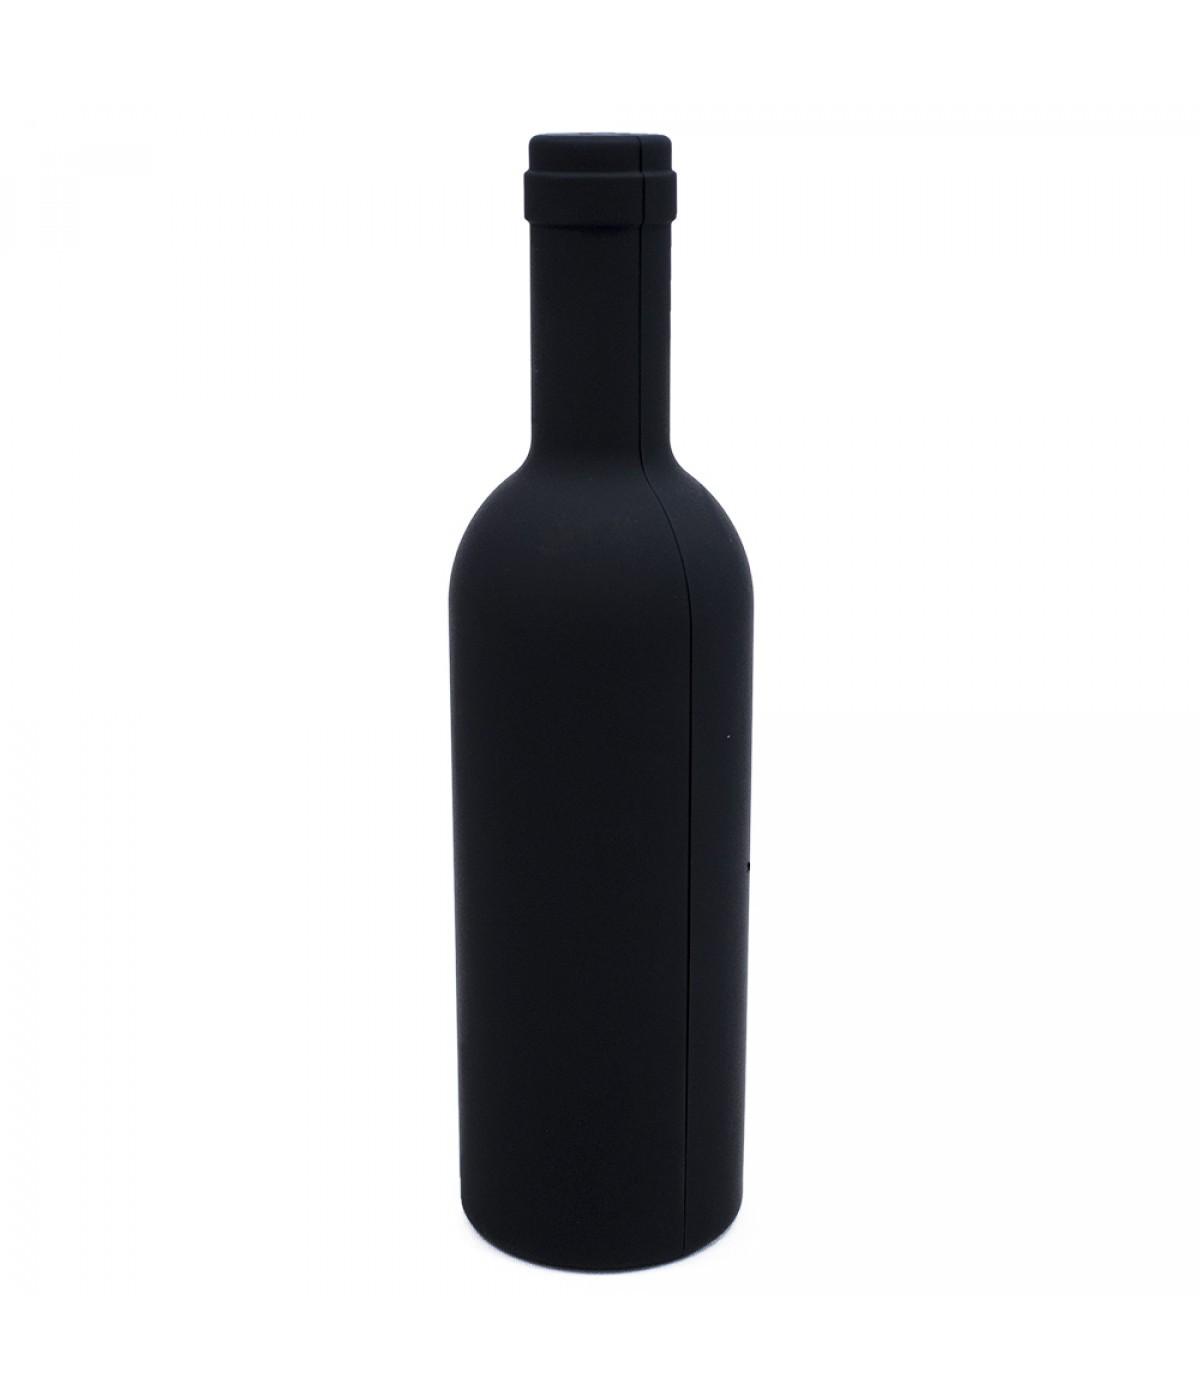 Porta Utensílios Kit para Vinho Formato de Garrafa